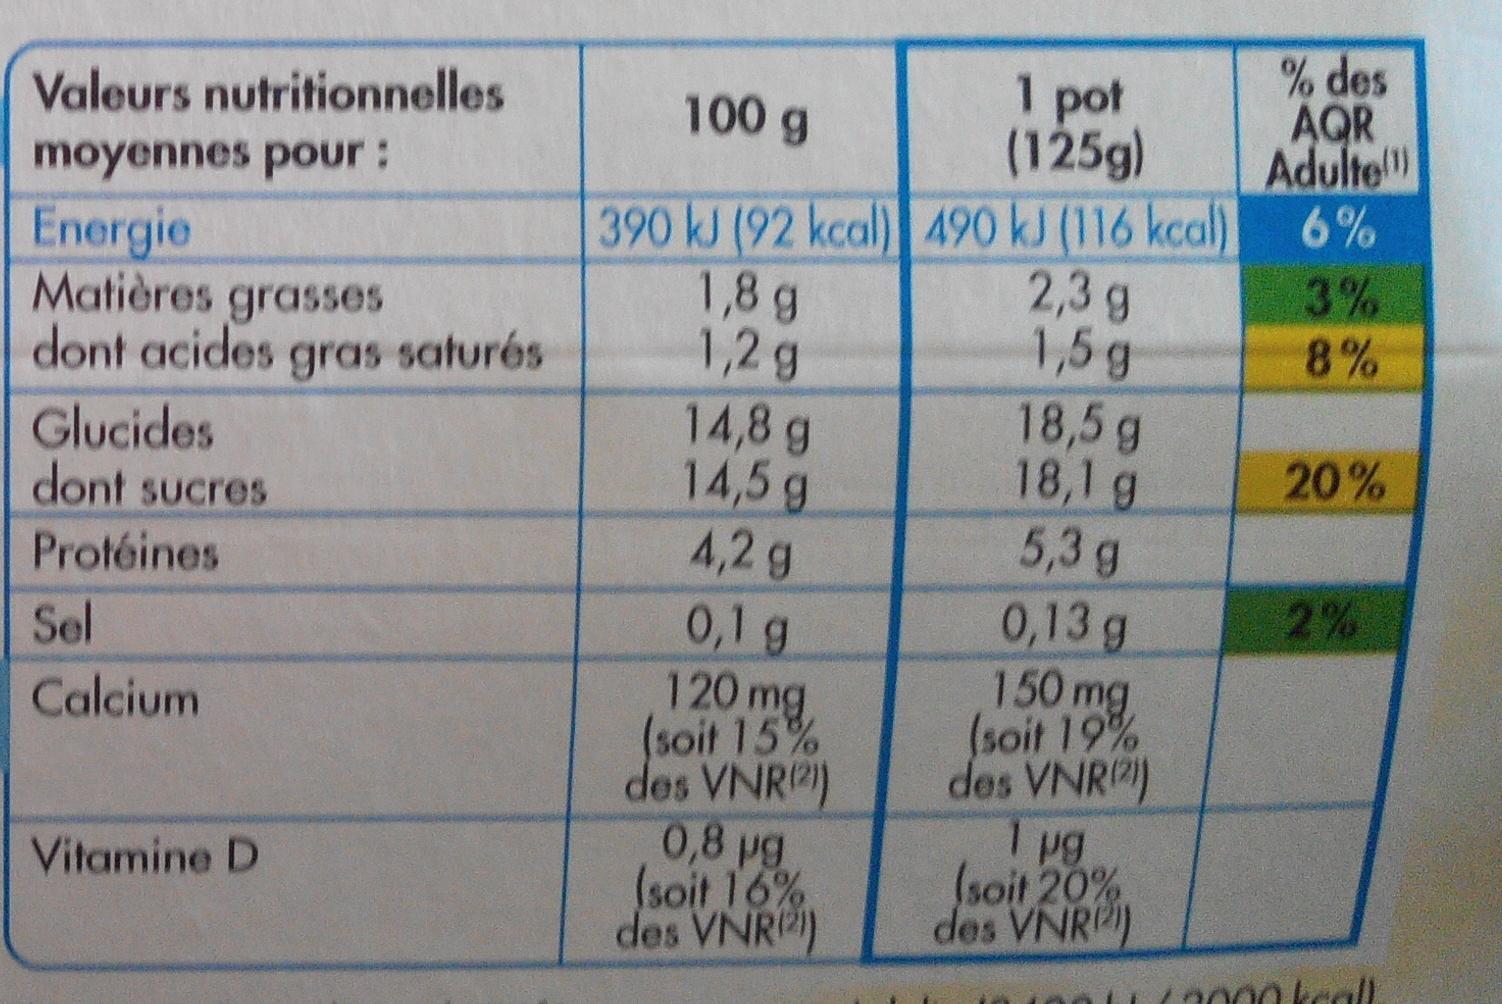 Onctueux Aux Fruits Mixés Pâturages 2 KG (16 Pots) [4 x (4 x 125 G)] - Voedingswaarden - fr